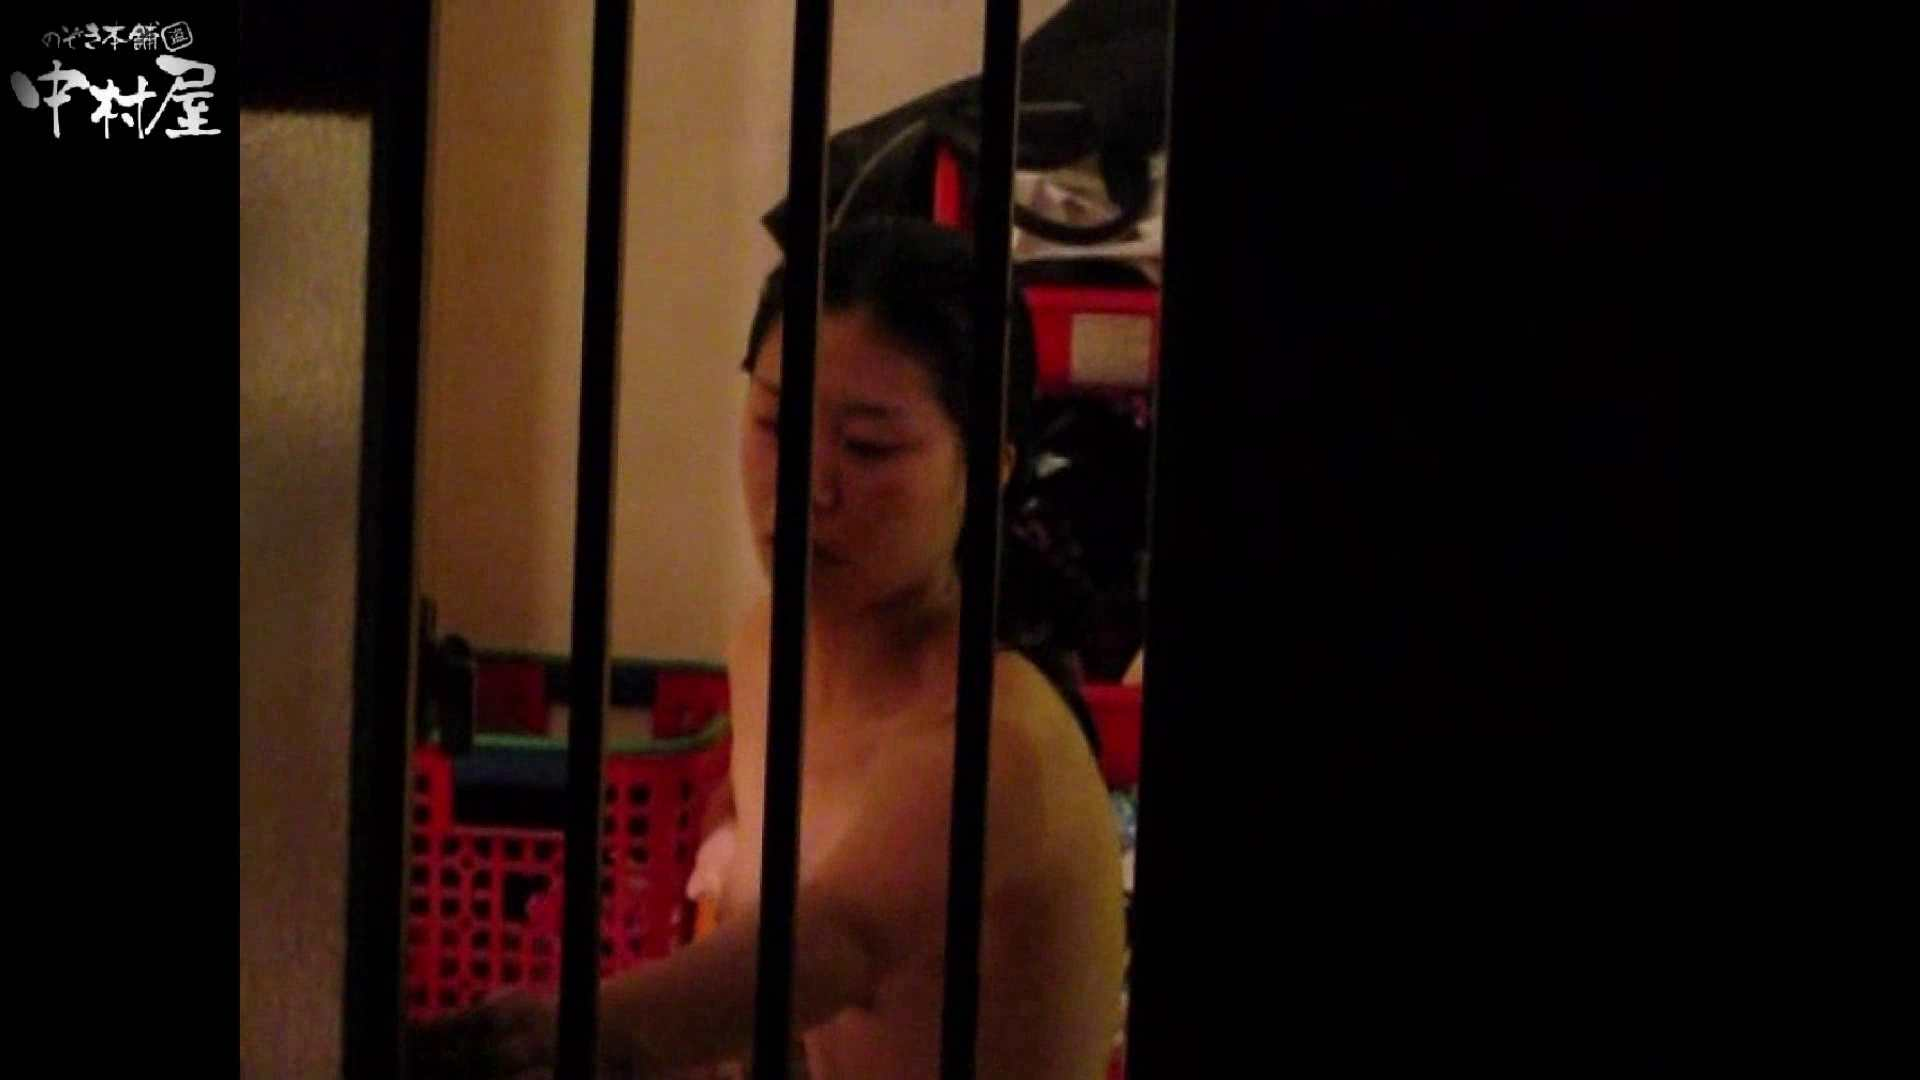 民家風呂専門盗撮師の超危険映像 vol.003 民家エロ投稿 SEX無修正画像 77画像 46